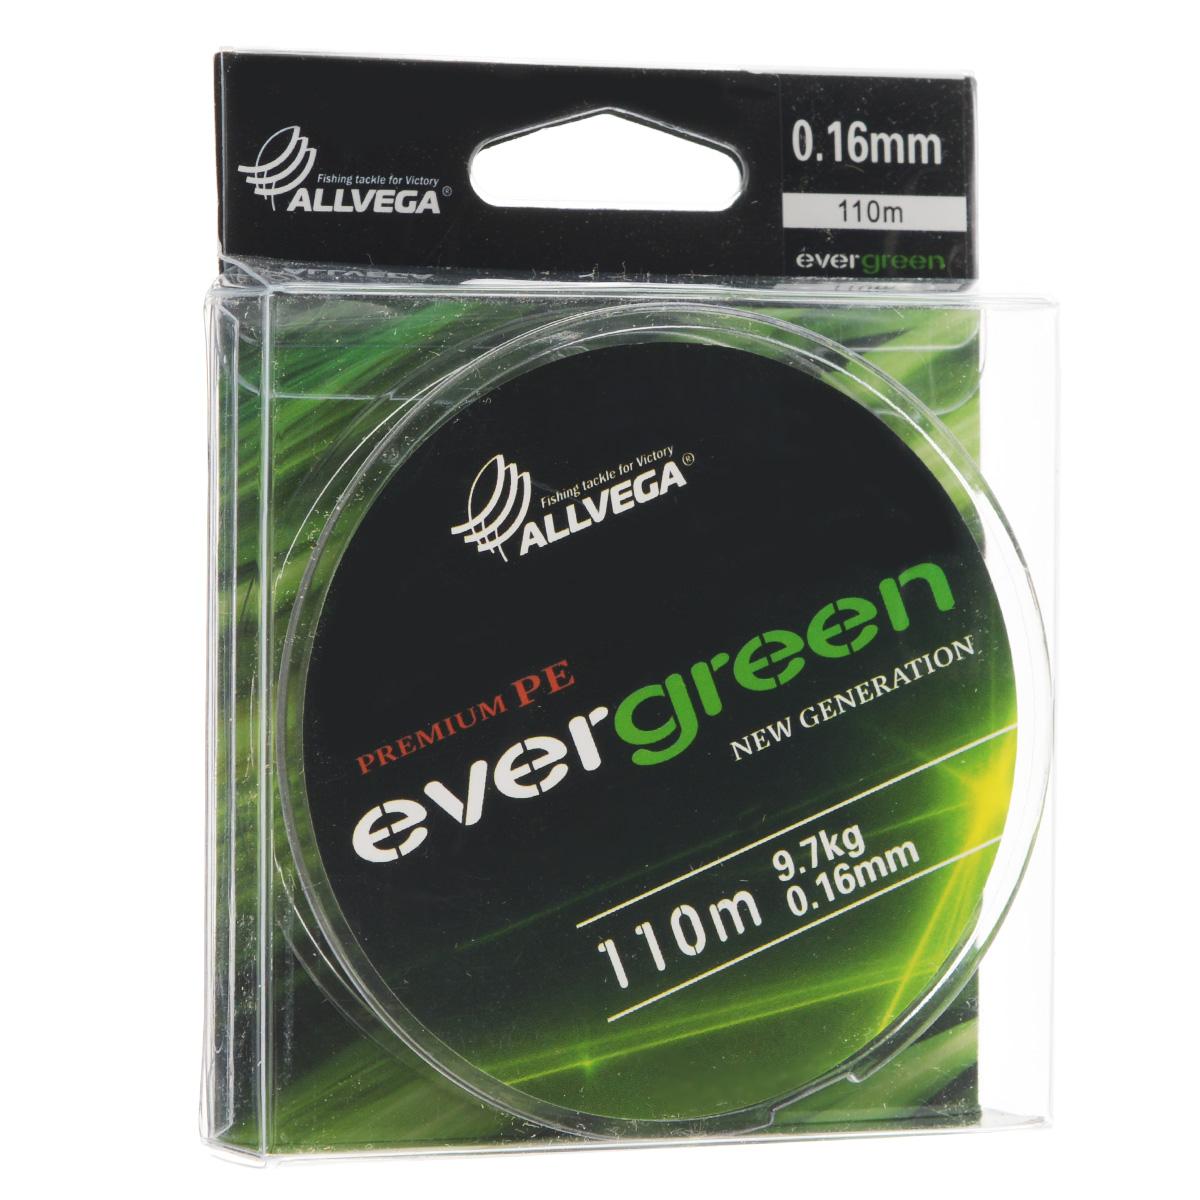 Леска плетеная Allvega Evergreen, цвет: темно-зеленый, 110 м, 0,16 мм, 9,7 кг46928Плетеная леска Allvega Evergreen очень прочная и способна выдержать сильные нагрузки. Благодаря высококачественному сырью леска Allvega Allvega Evergreen максимально устойчива к любым погодным условиям и особенностям каждого водоема. При традиционных методах производства плетеные шнуры со временем теряют свой цвет (покрытие), а вместе с ним и часть своих полезных физических свойств. Революционно новый подход в технологии изготовления лесок Allvega Evergreen позволяет забыть о проблеме потери цвета в процессе использования шнура. Он всегда будет зеленым - он просто не может быть другим!